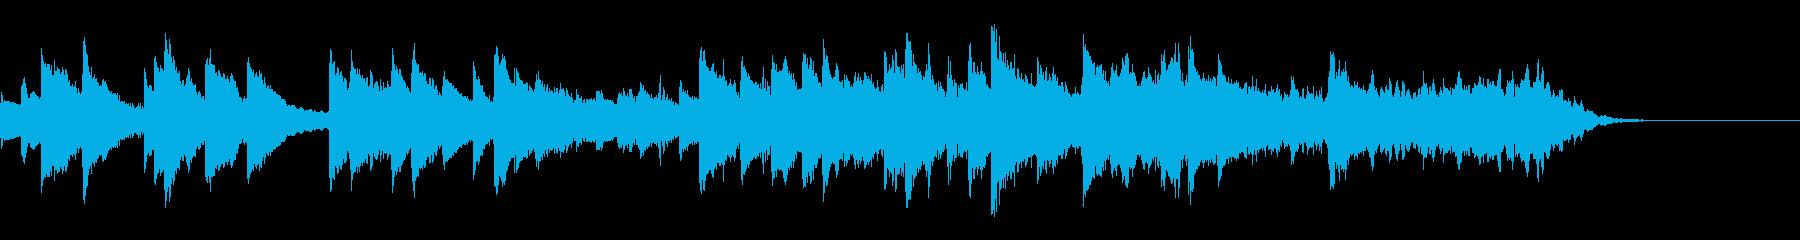 冬イベントに合いそうな短い曲の再生済みの波形